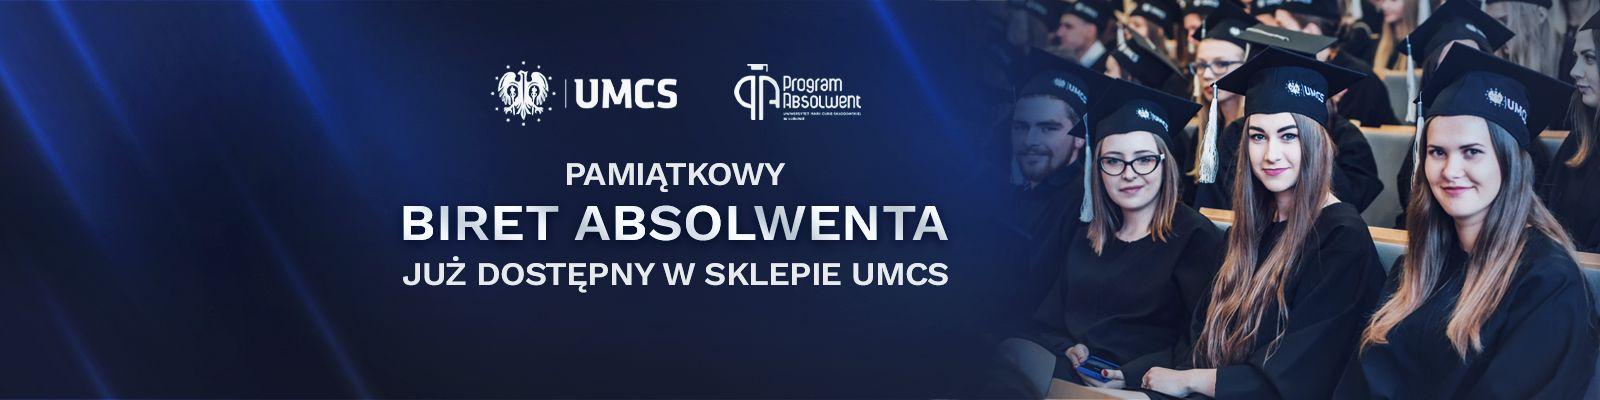 Biret UMCS